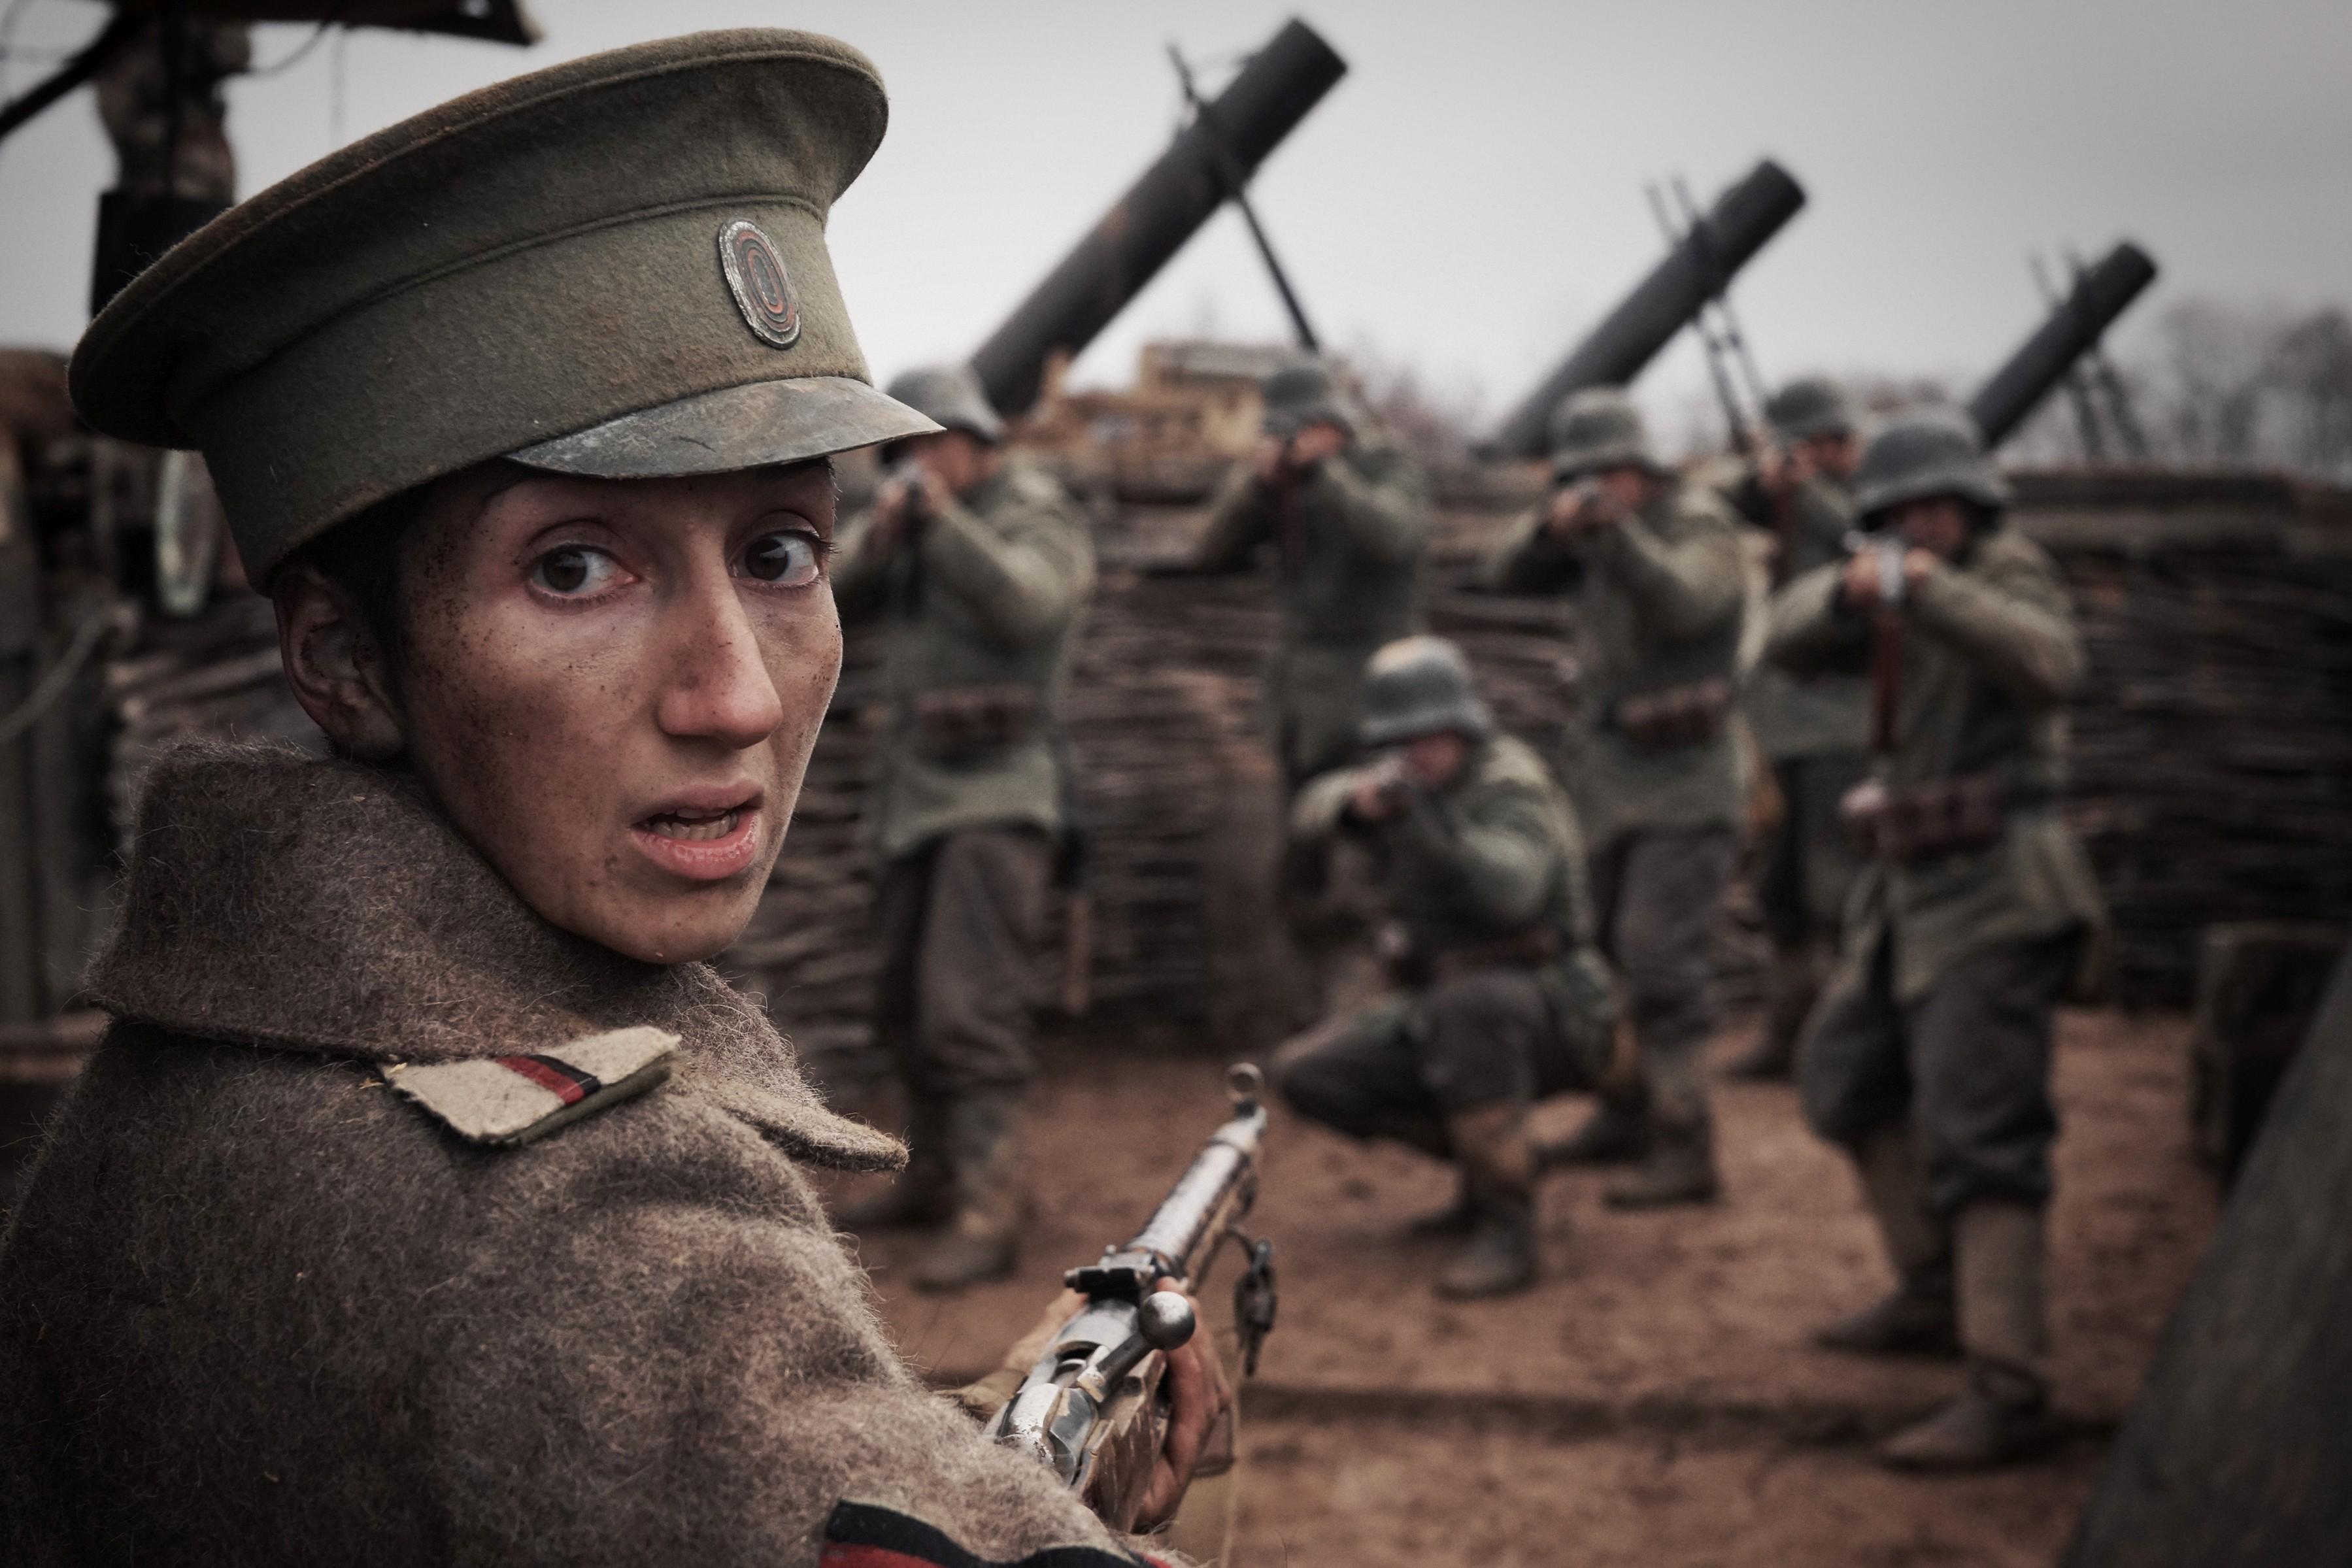 Порно женский батальен